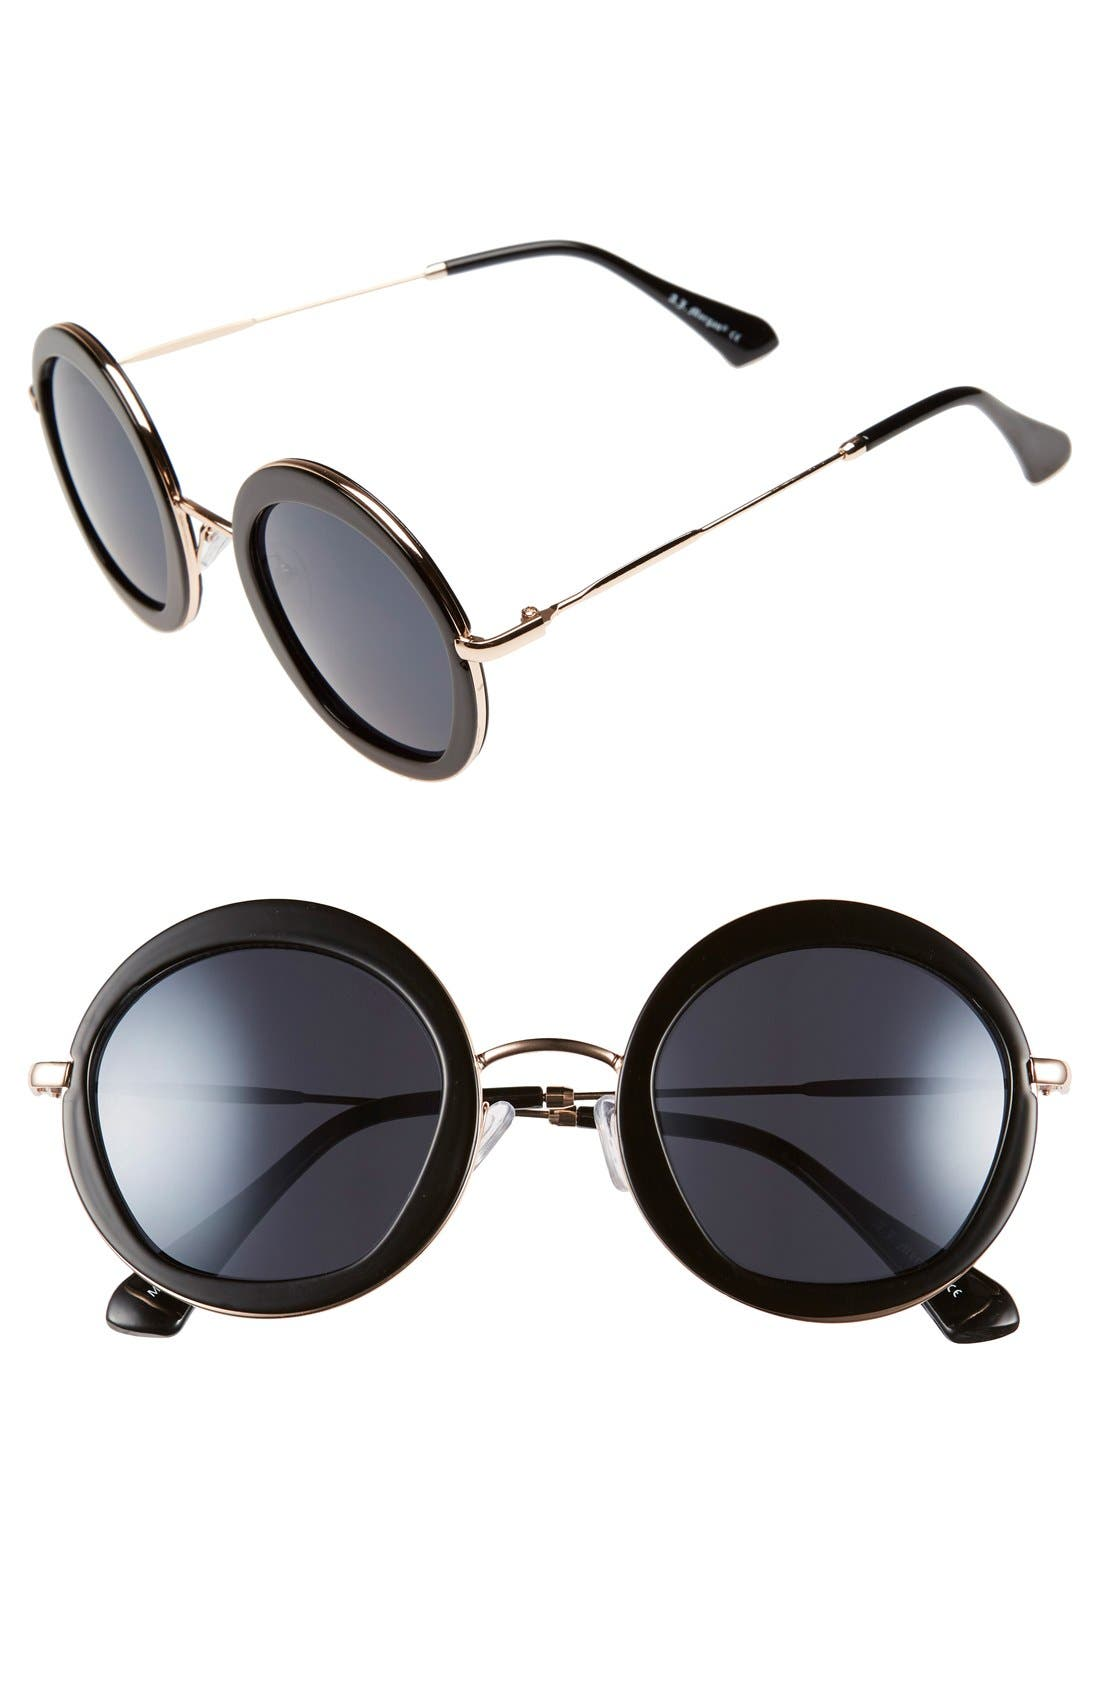 Main Image - A.J. Morgan 'Clique' 50mm Round Sunglasses